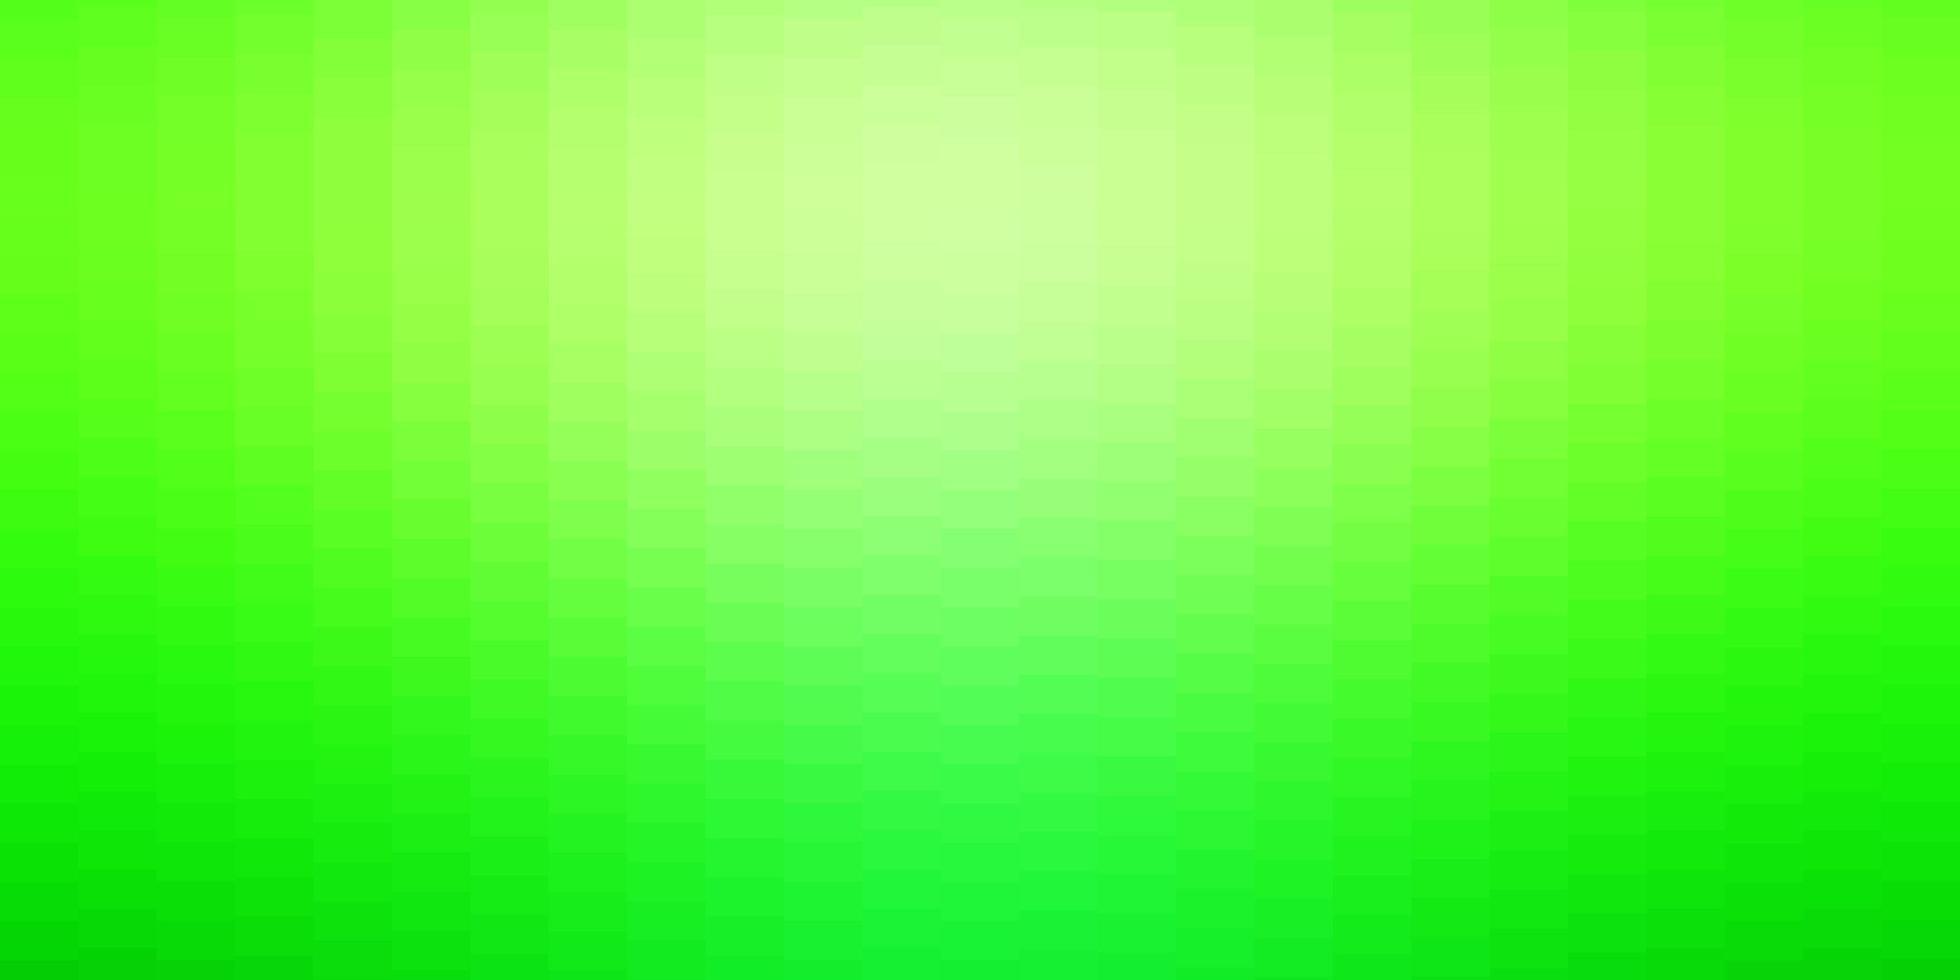 sfondo verde chiaro in stile poligonale. vettore